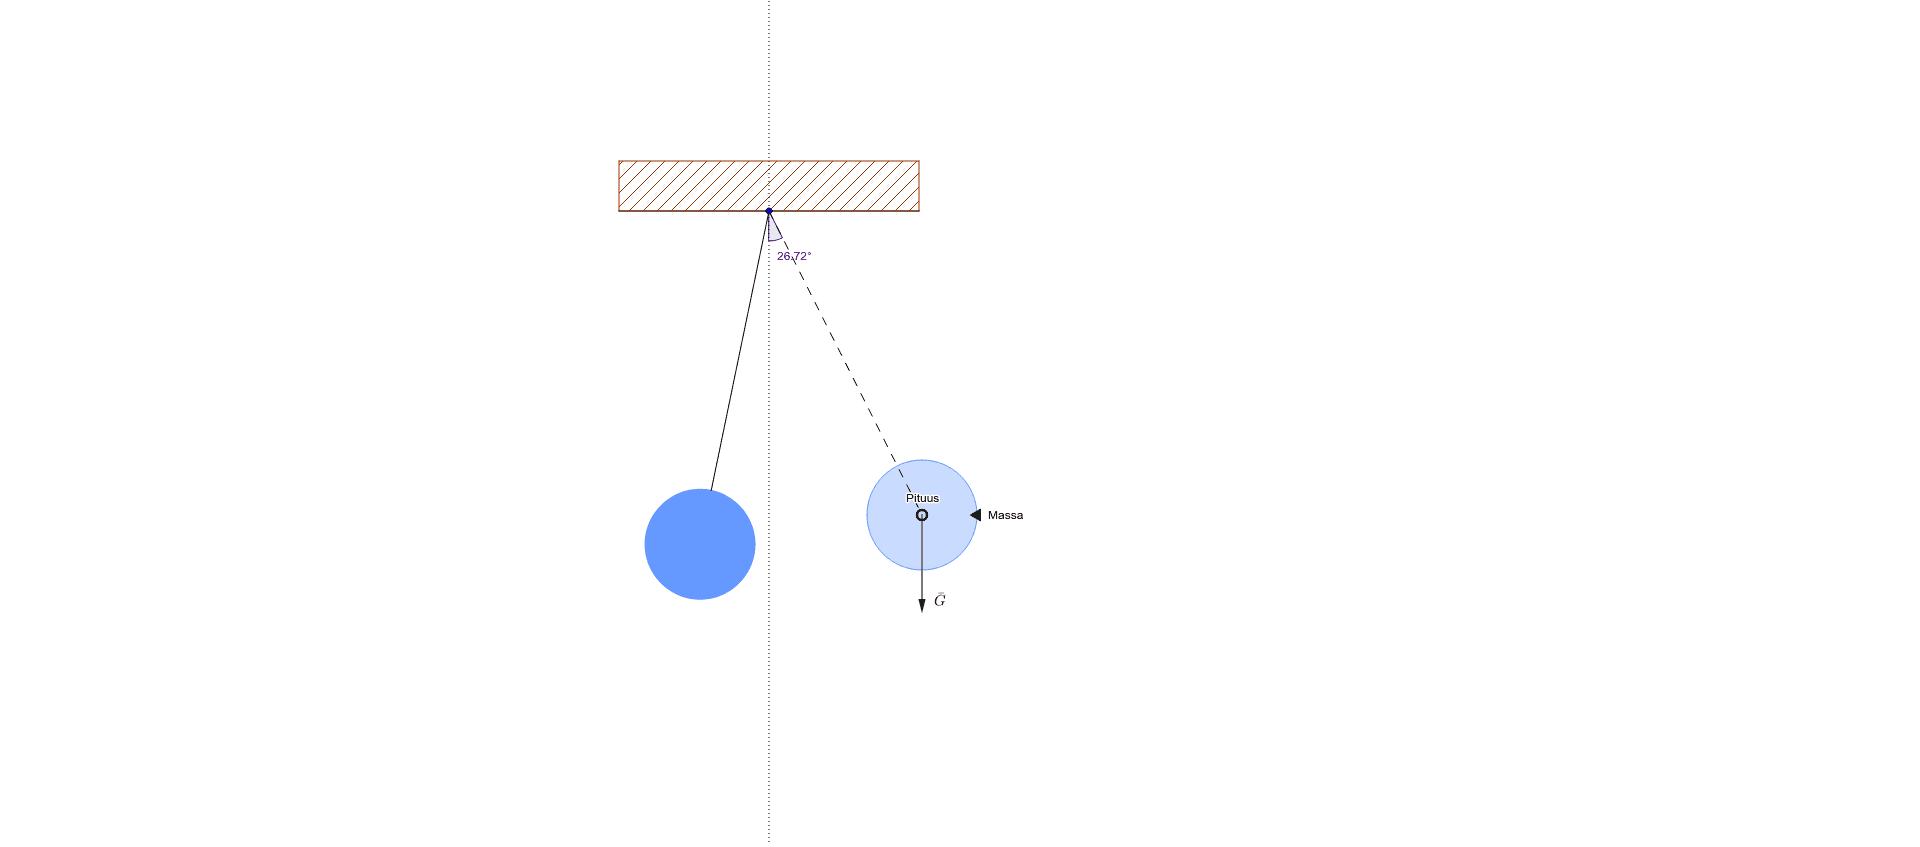 Muuta heilurin massaa ja varren pituutta kuvasta. Vasemmasta alakulmasta saat animaation käyntiin. Paina Enter aloittaaksesi